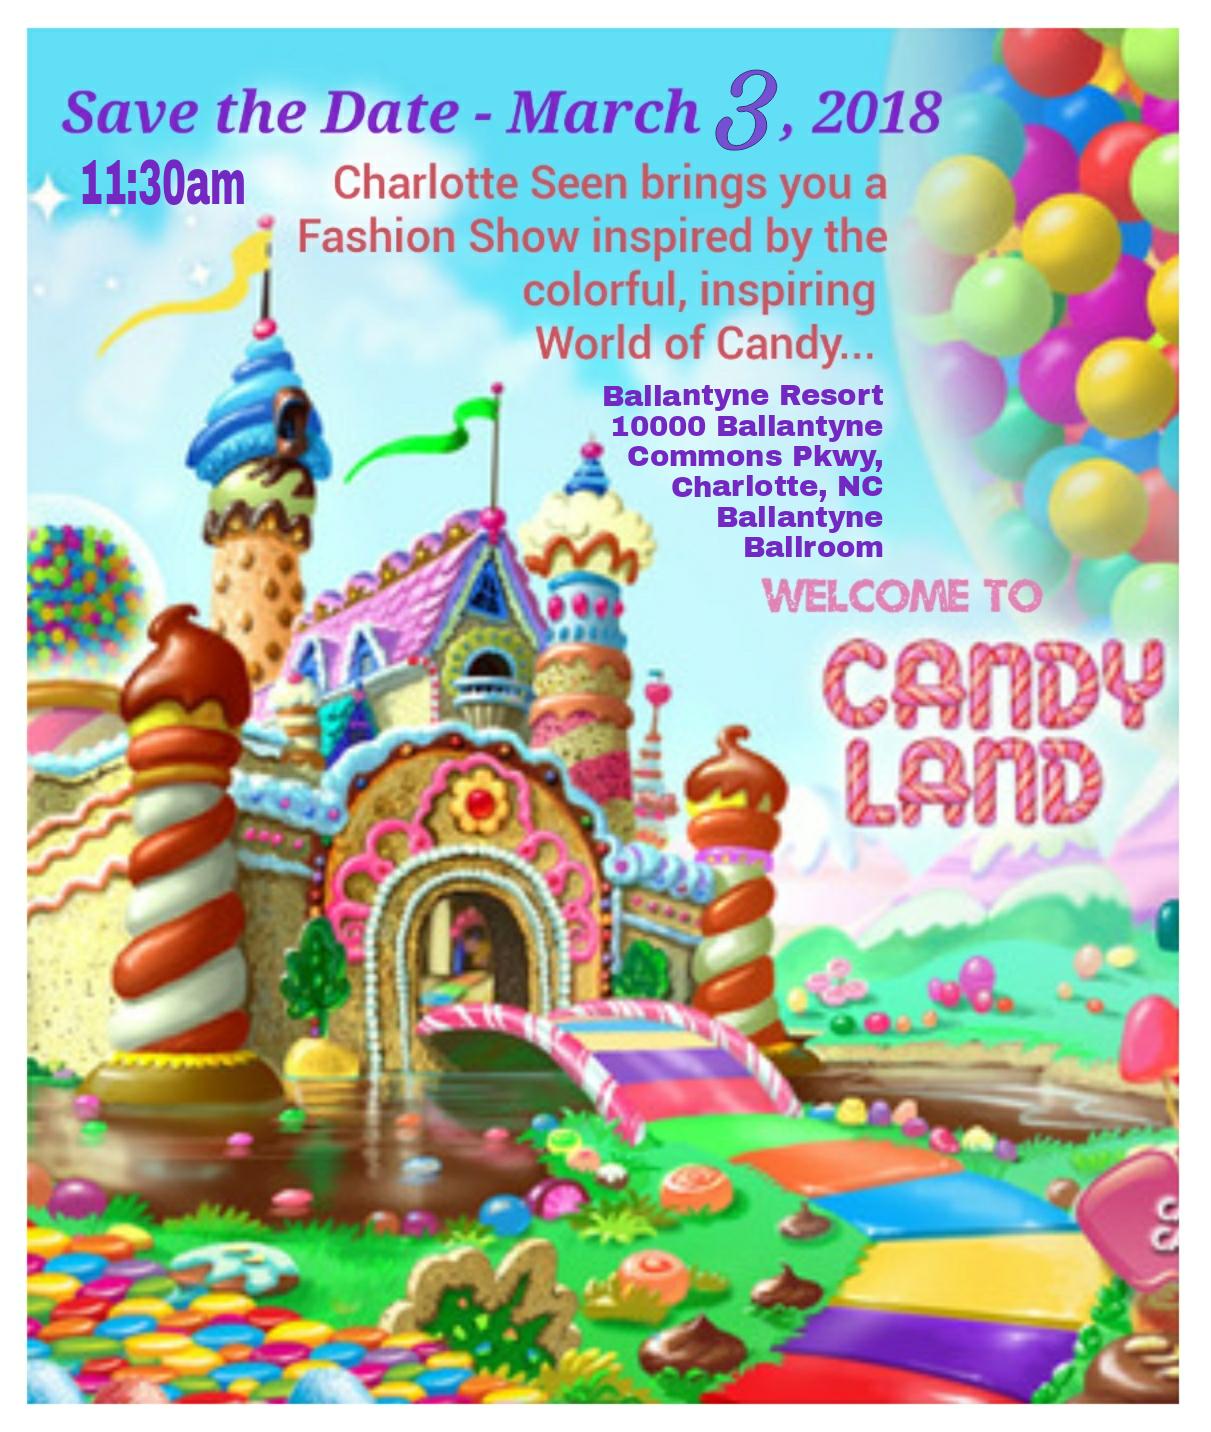 Candyland dating service dejta eller vänner med förmåner Quiz